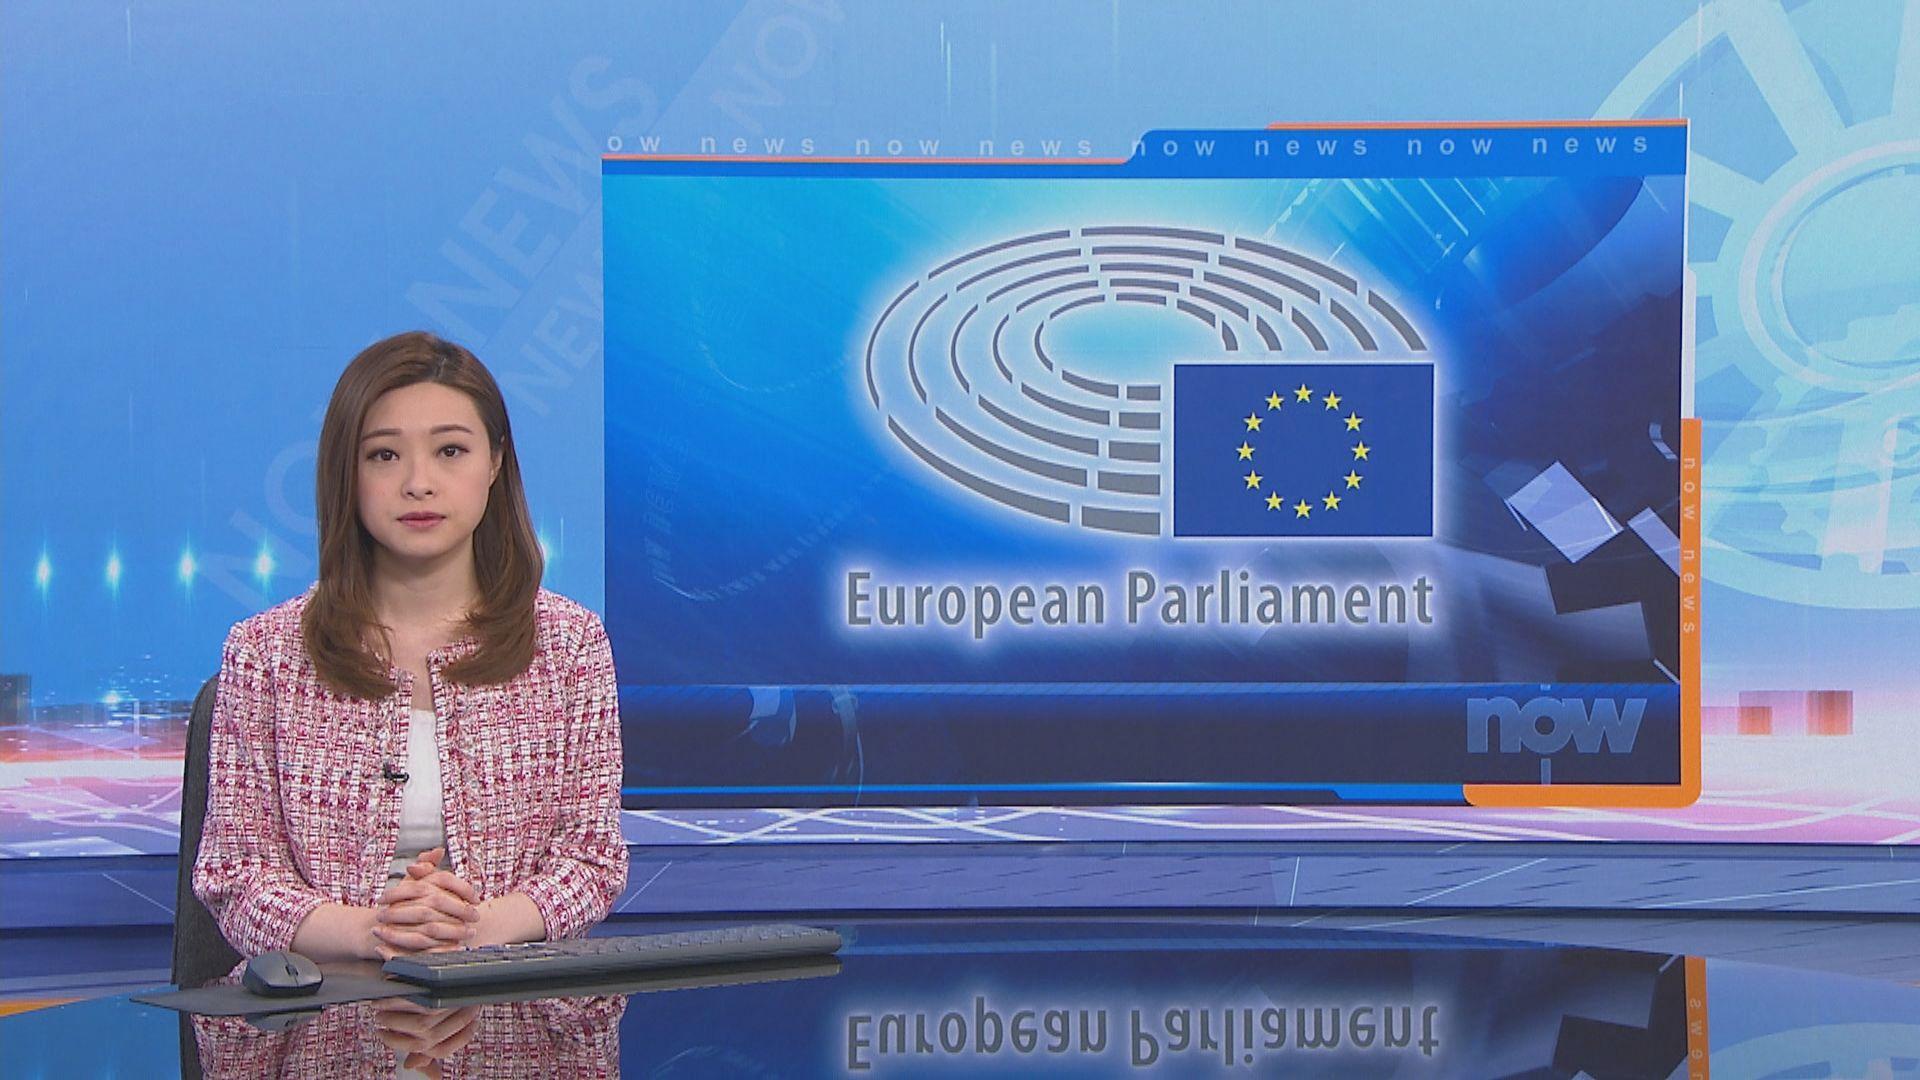 歐洲議會通過「香港民主反對派遭鎮壓」決議案 中方批粗暴干涉中港事務